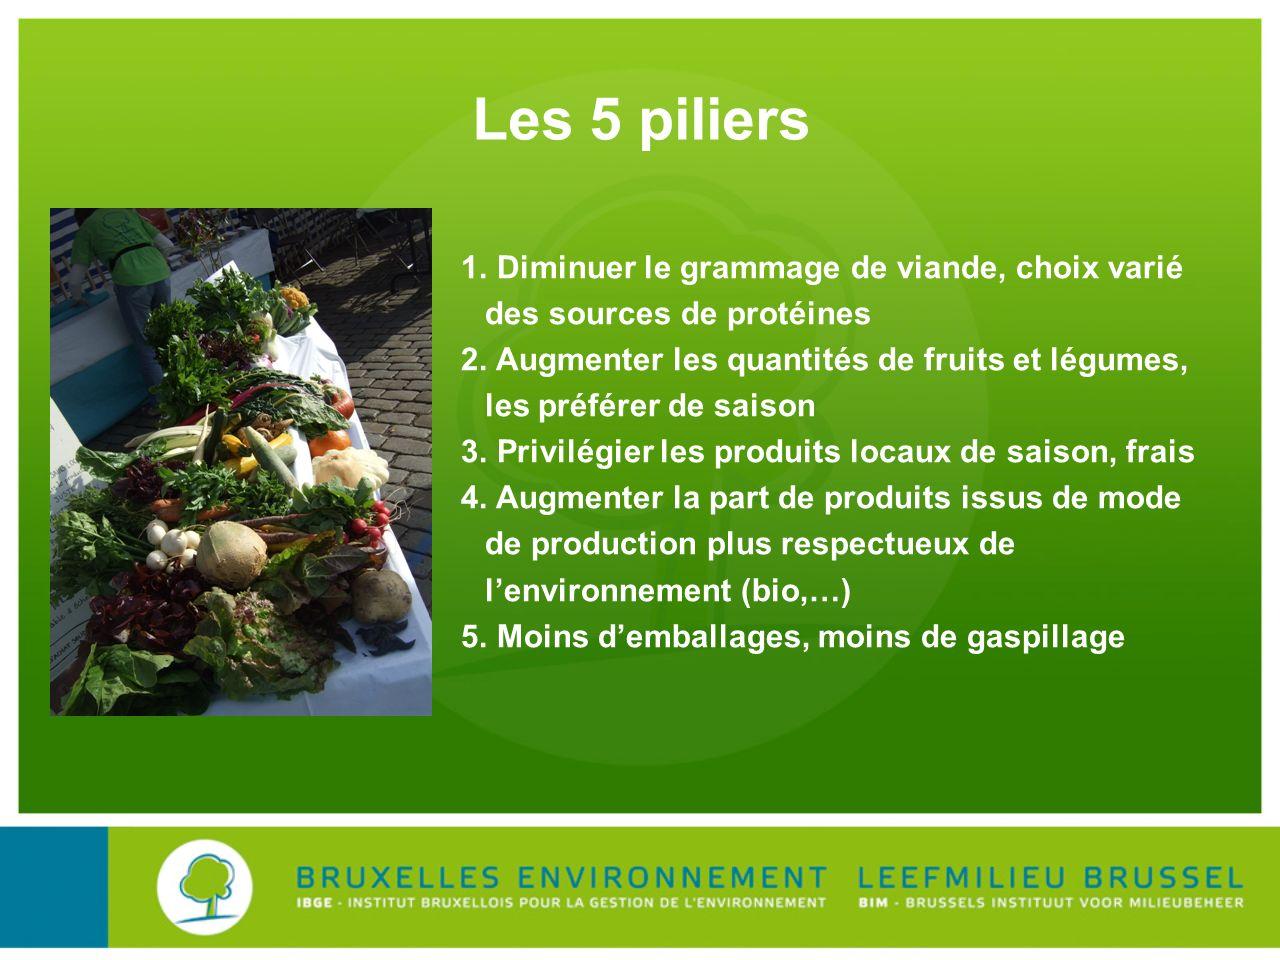 Les 5 piliers Diminuer le grammage de viande, choix varié des sources de protéines.